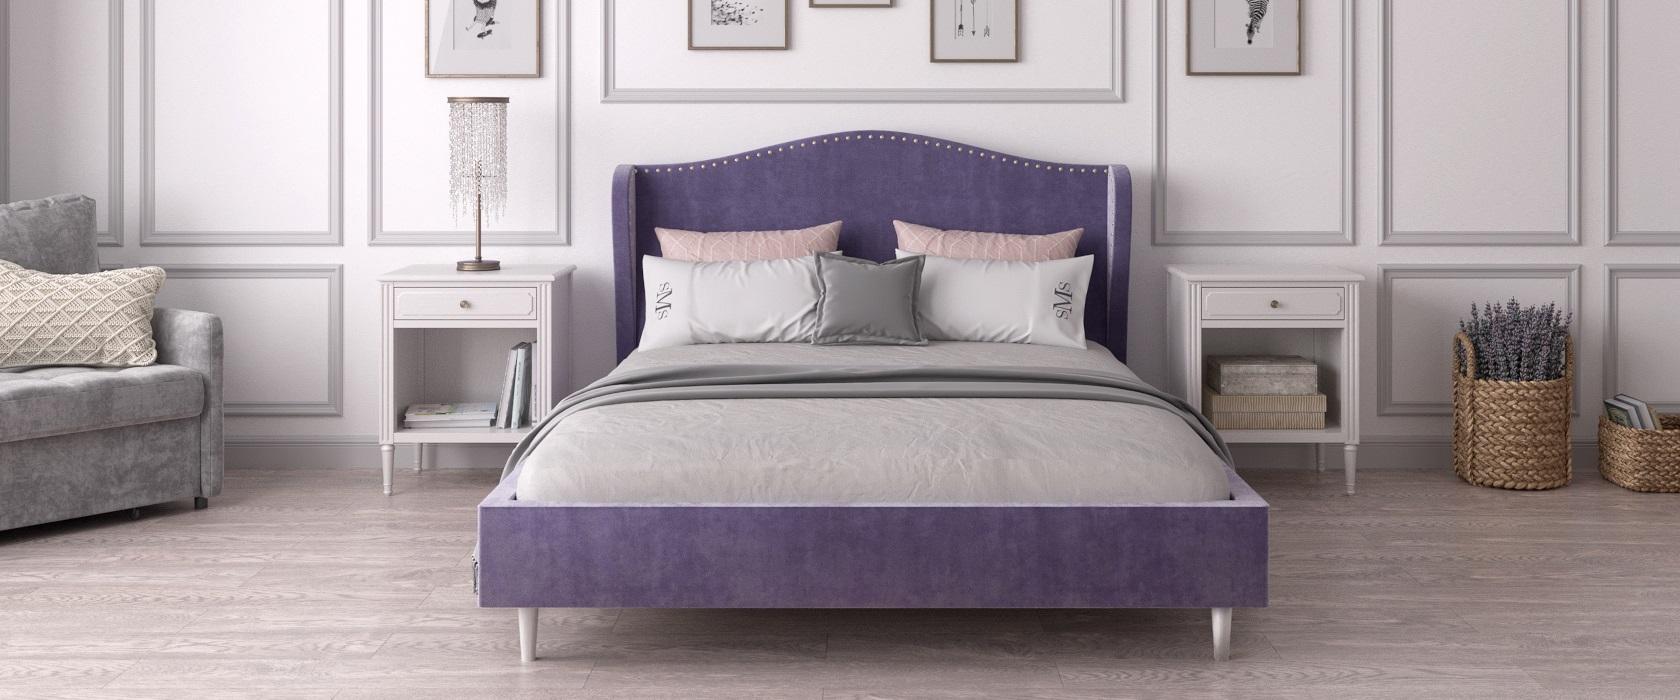 Кровать Violetta - Фото 2 - Pufetto